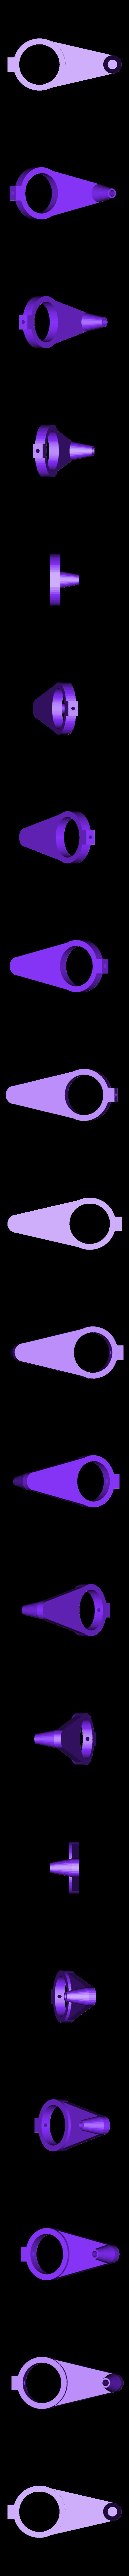 VenusPlanetArm.stl Télécharger fichier SCAD gratuit Planétarium mécanique • Plan pour impression 3D, Zippityboomba